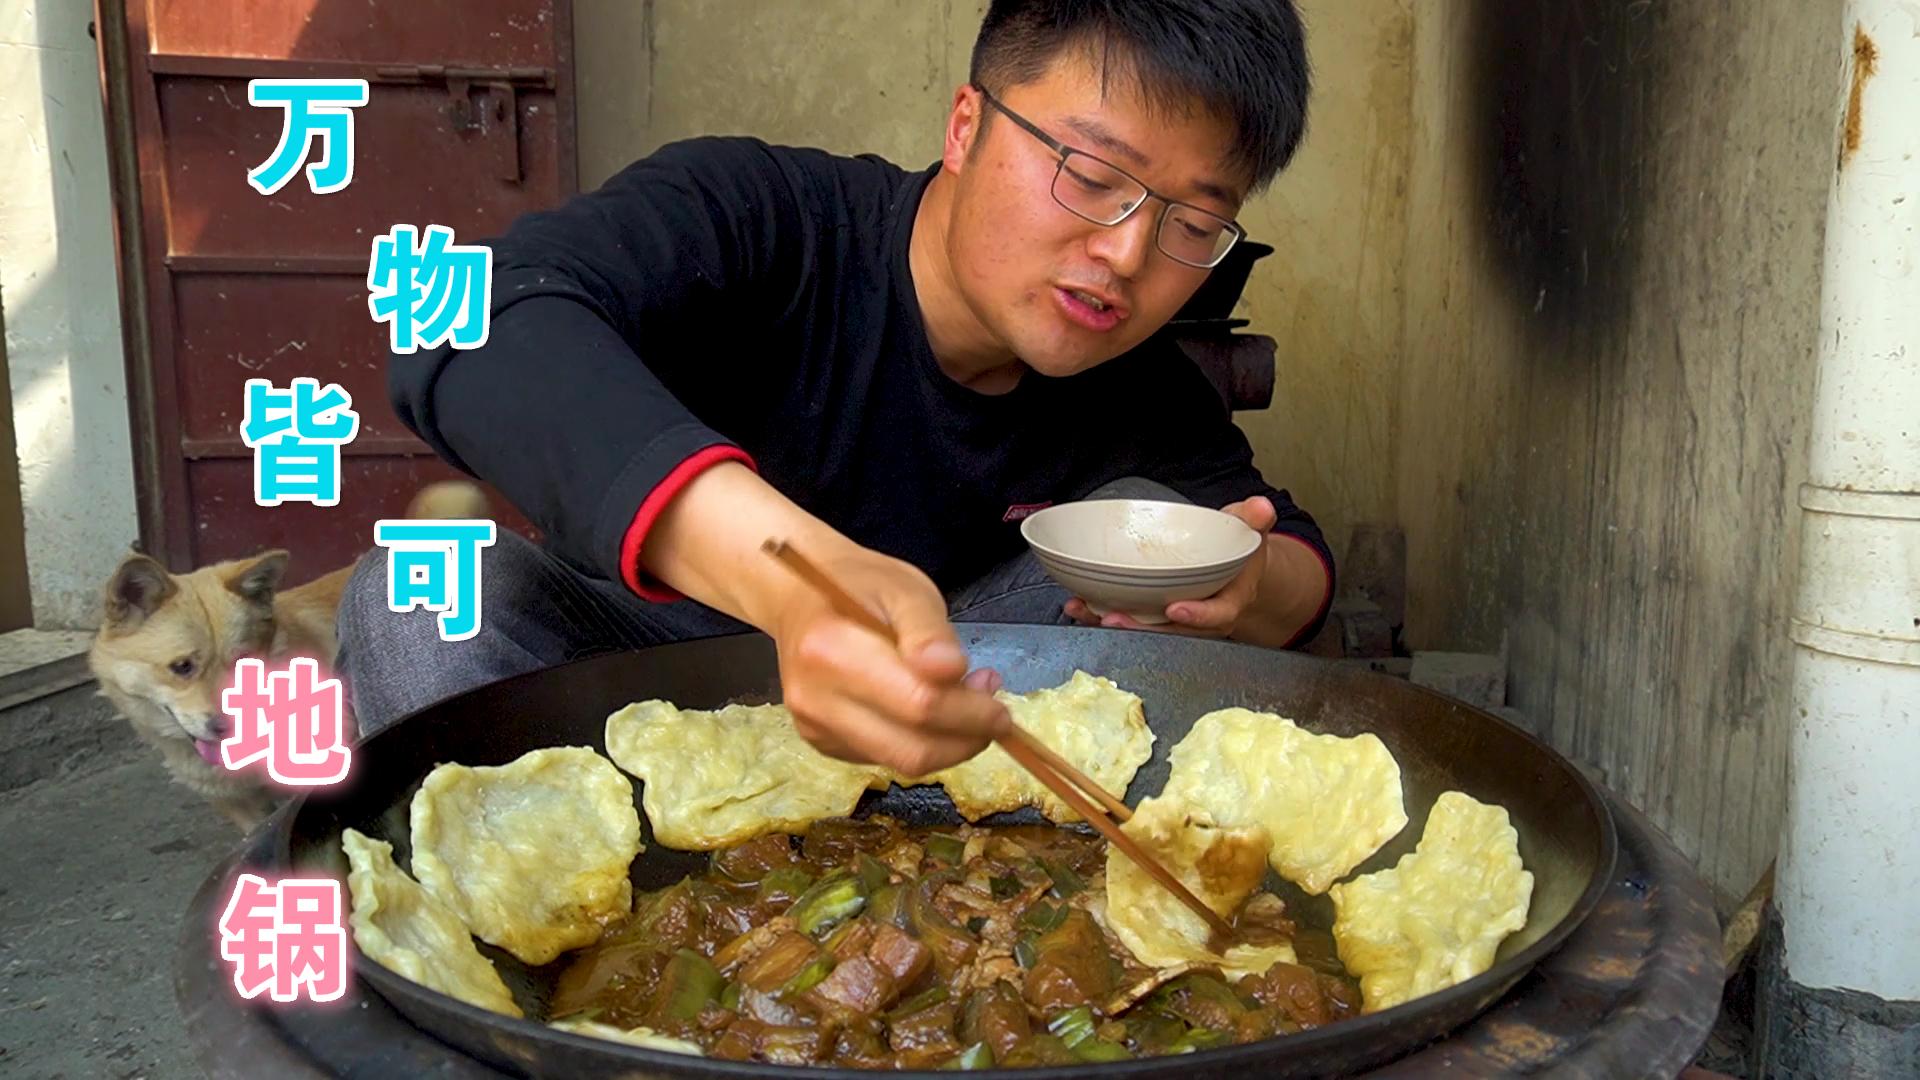 农家菜地锅茄子,一锅六斤,大sao一人一锅,饼子夹肉也太香了